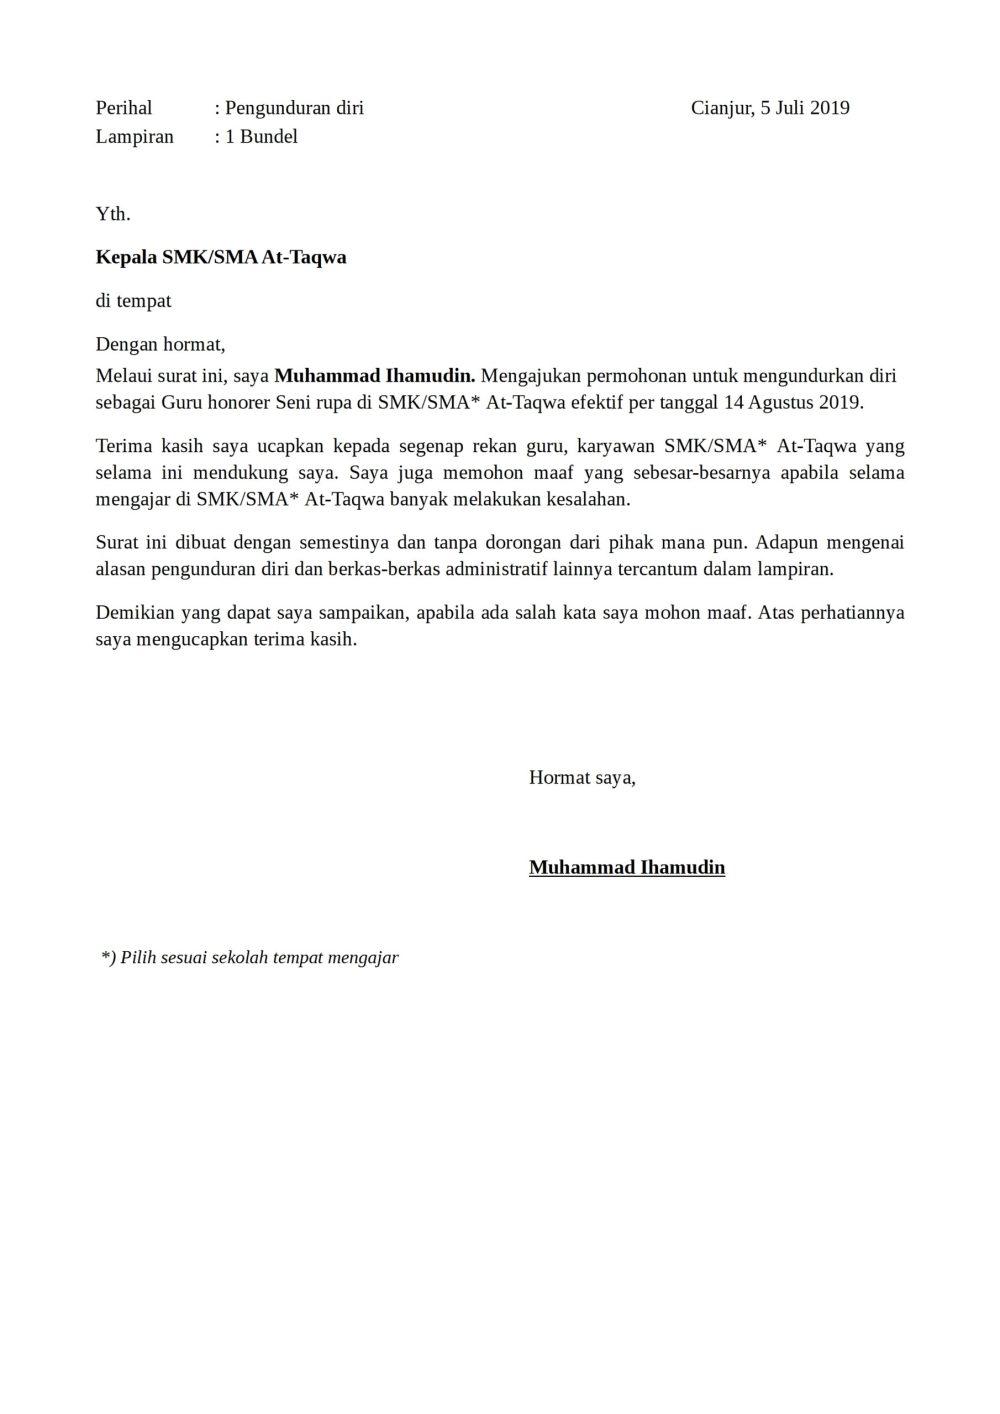 2. Contoh Surat Pengunduran Diri Dari Sekolah Sebagai Guru TK